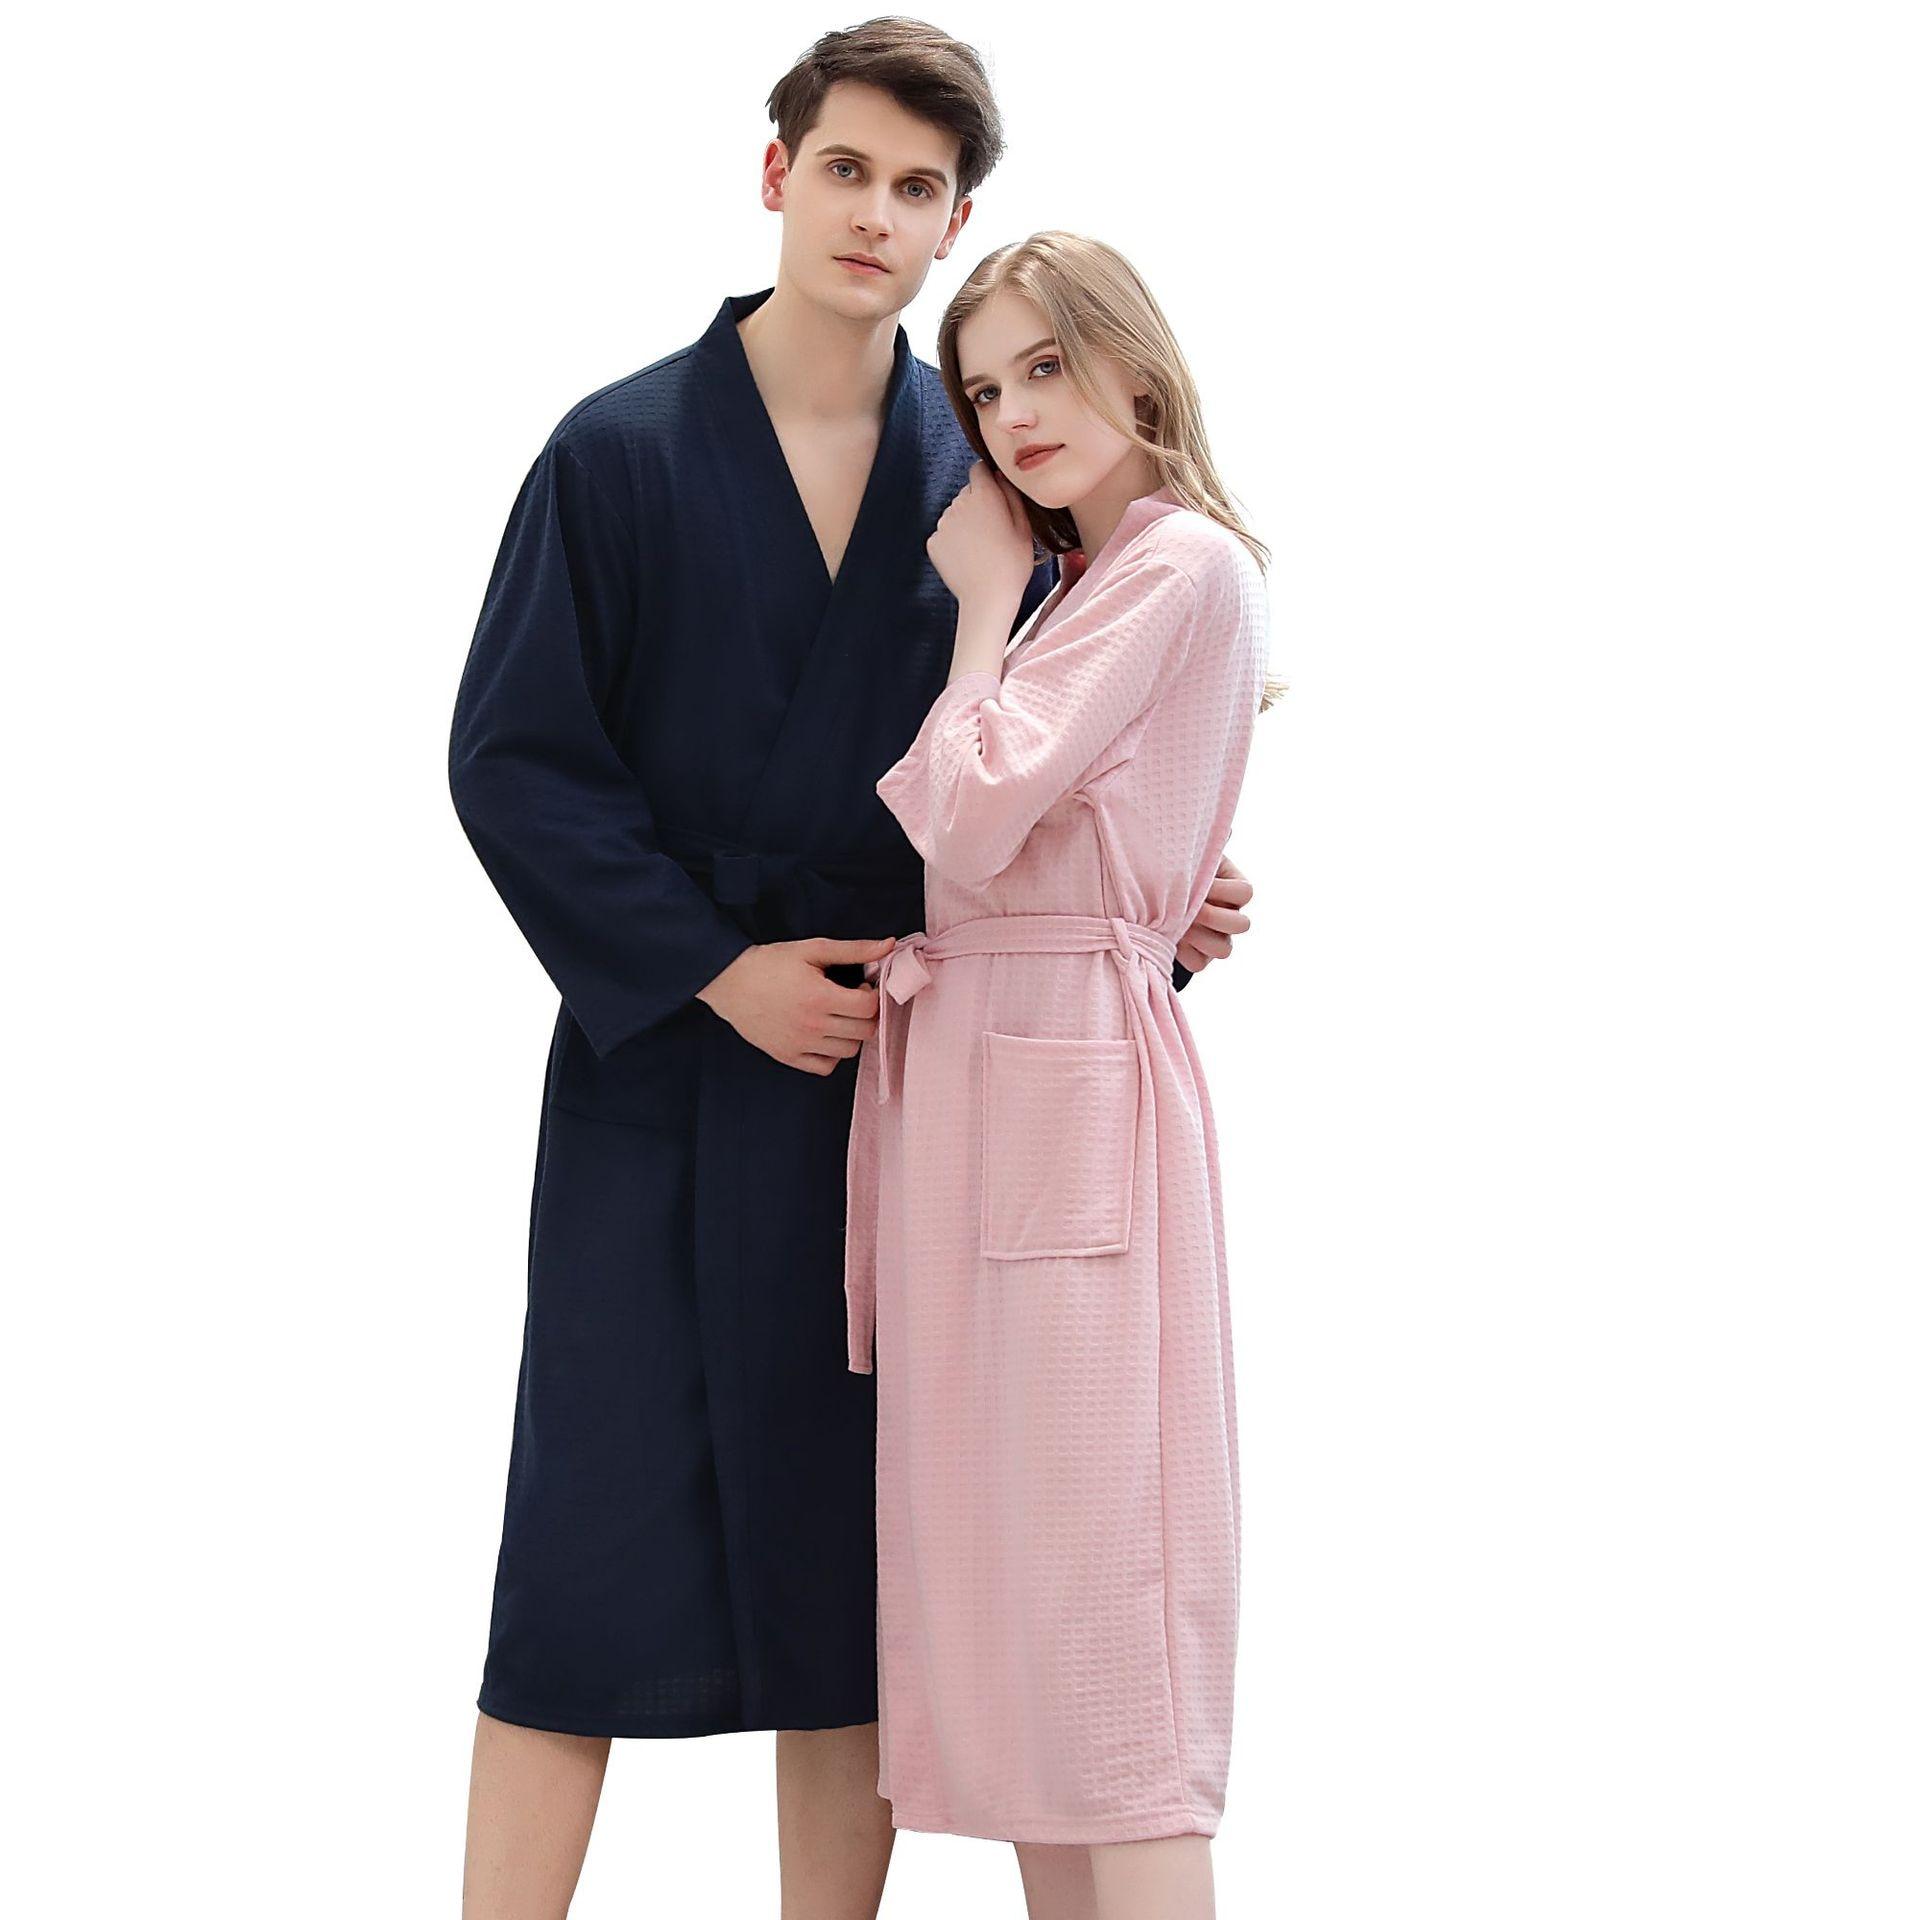 Весенне-осенние мужские банные халаты пижамы женские абсорбирующие дышащие пижамные халаты мужские и женские пижамы